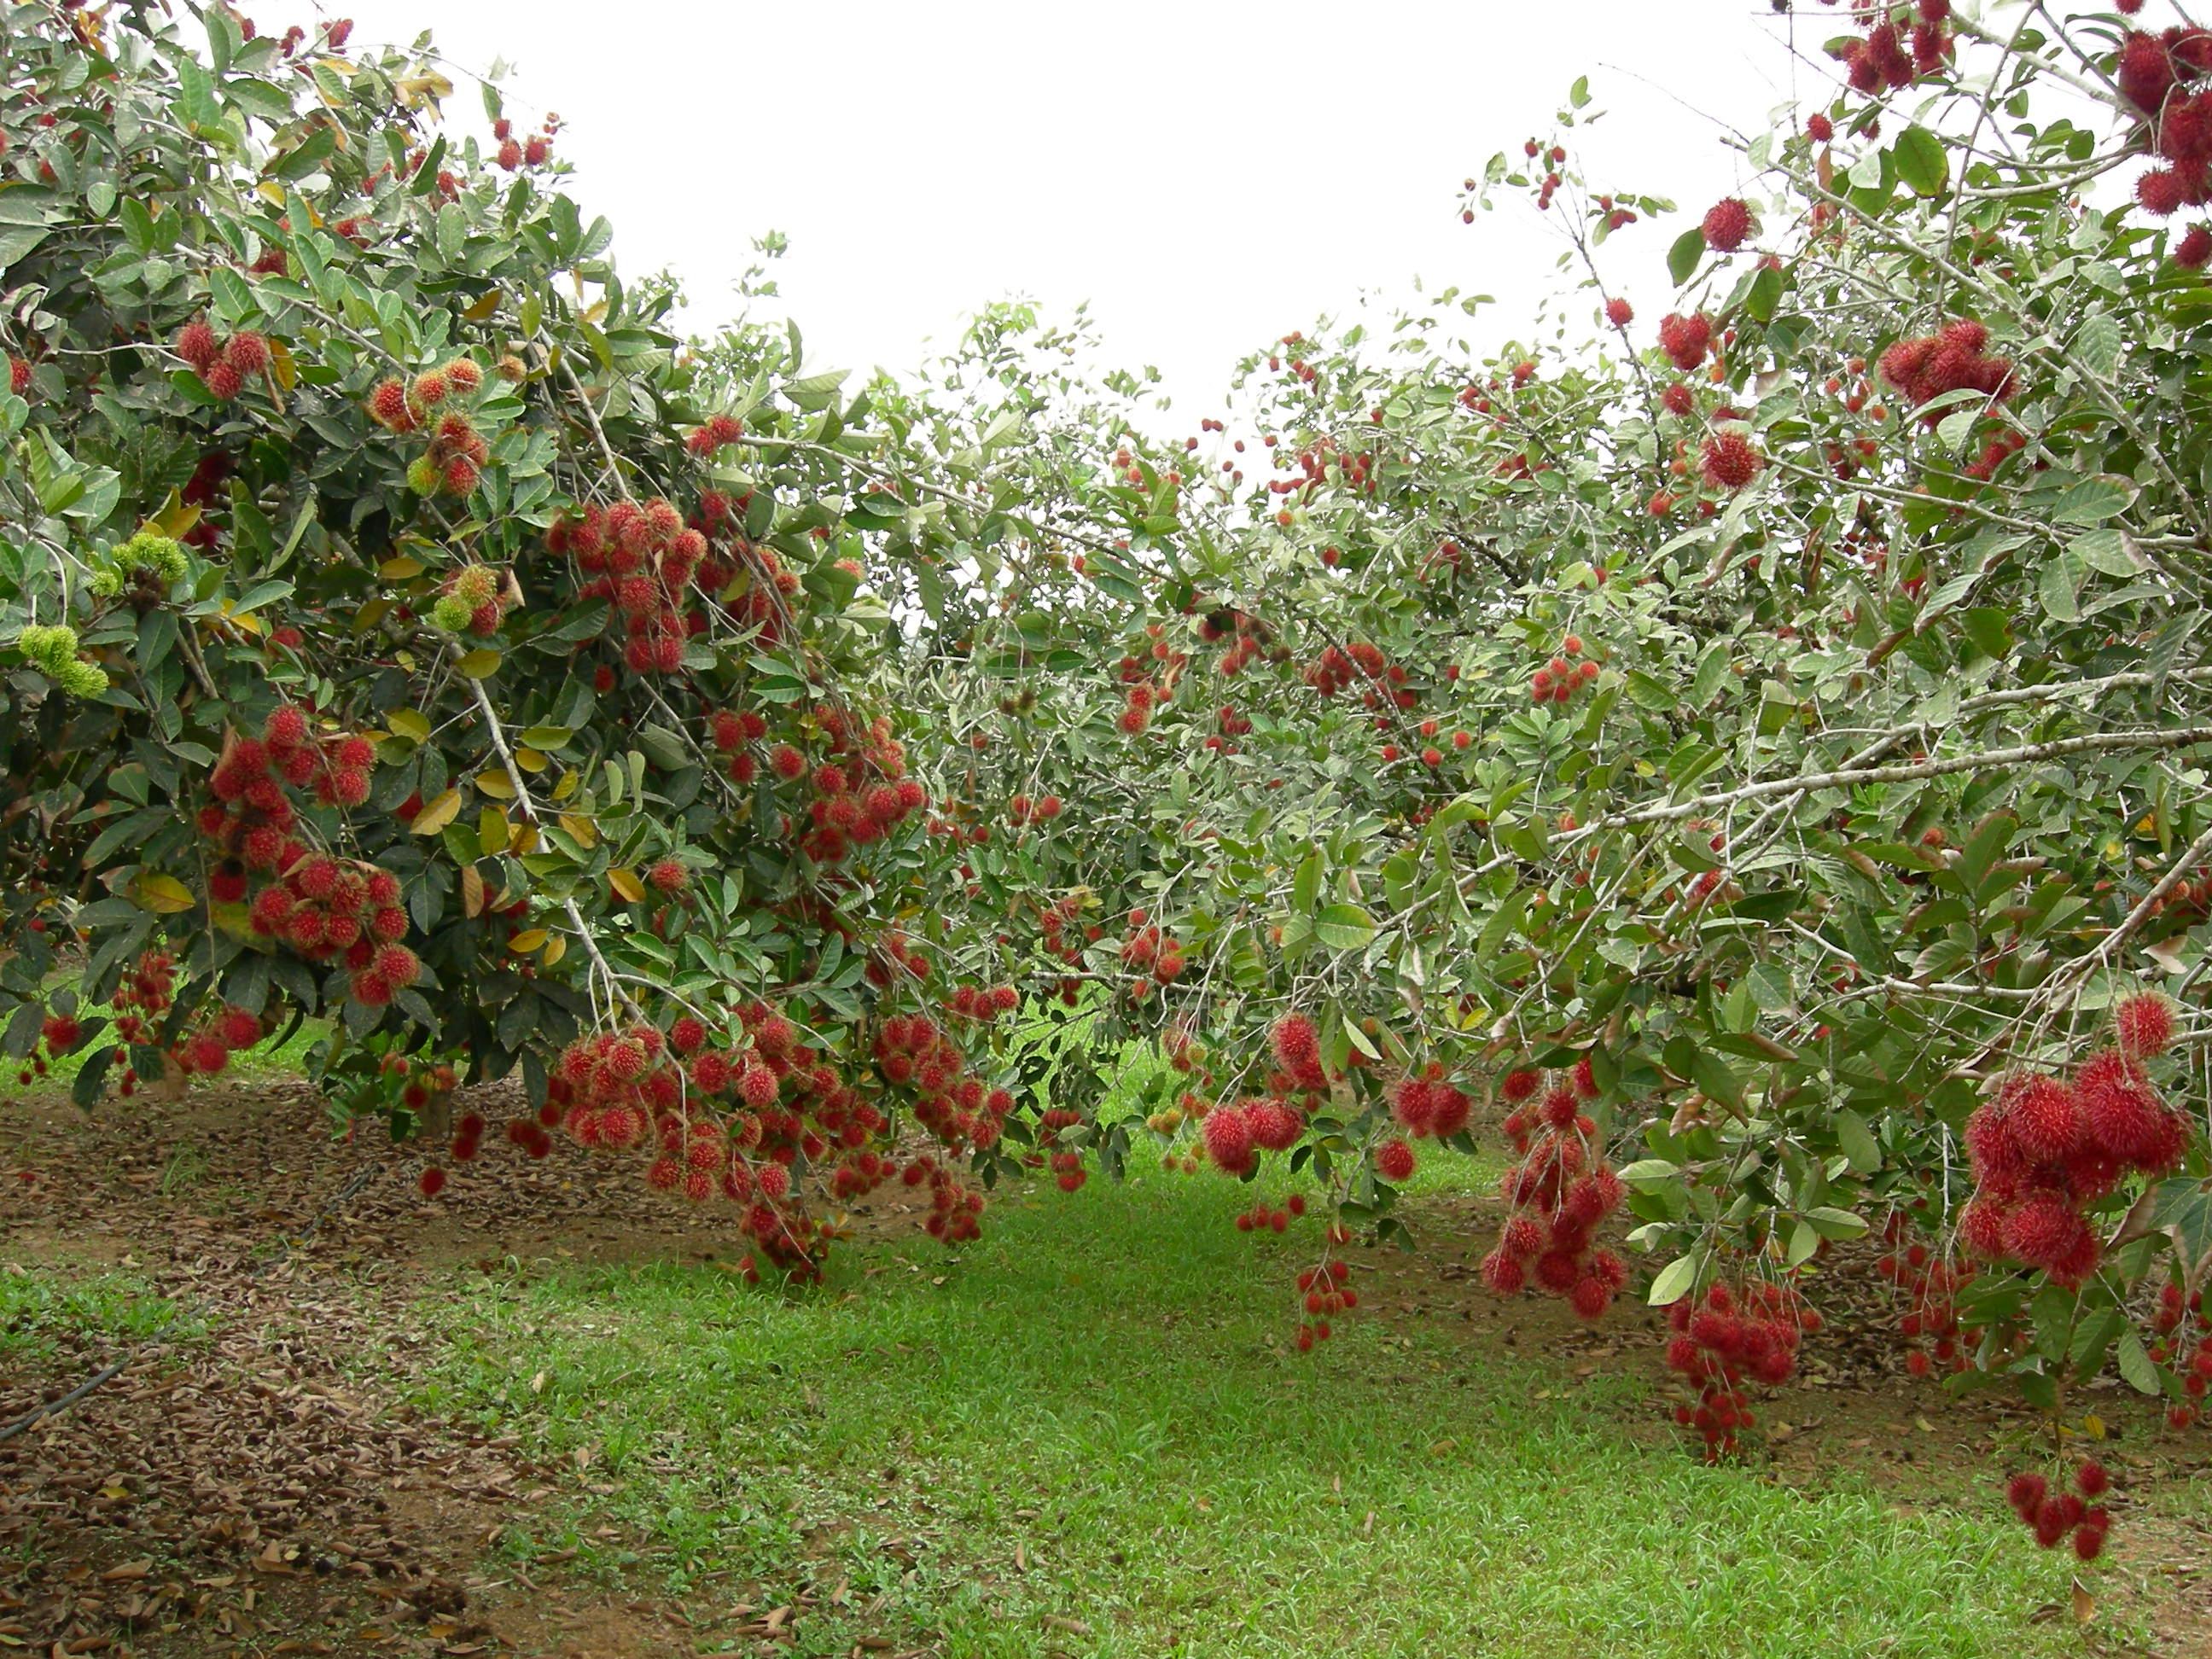 Pohon Buah Rambutan